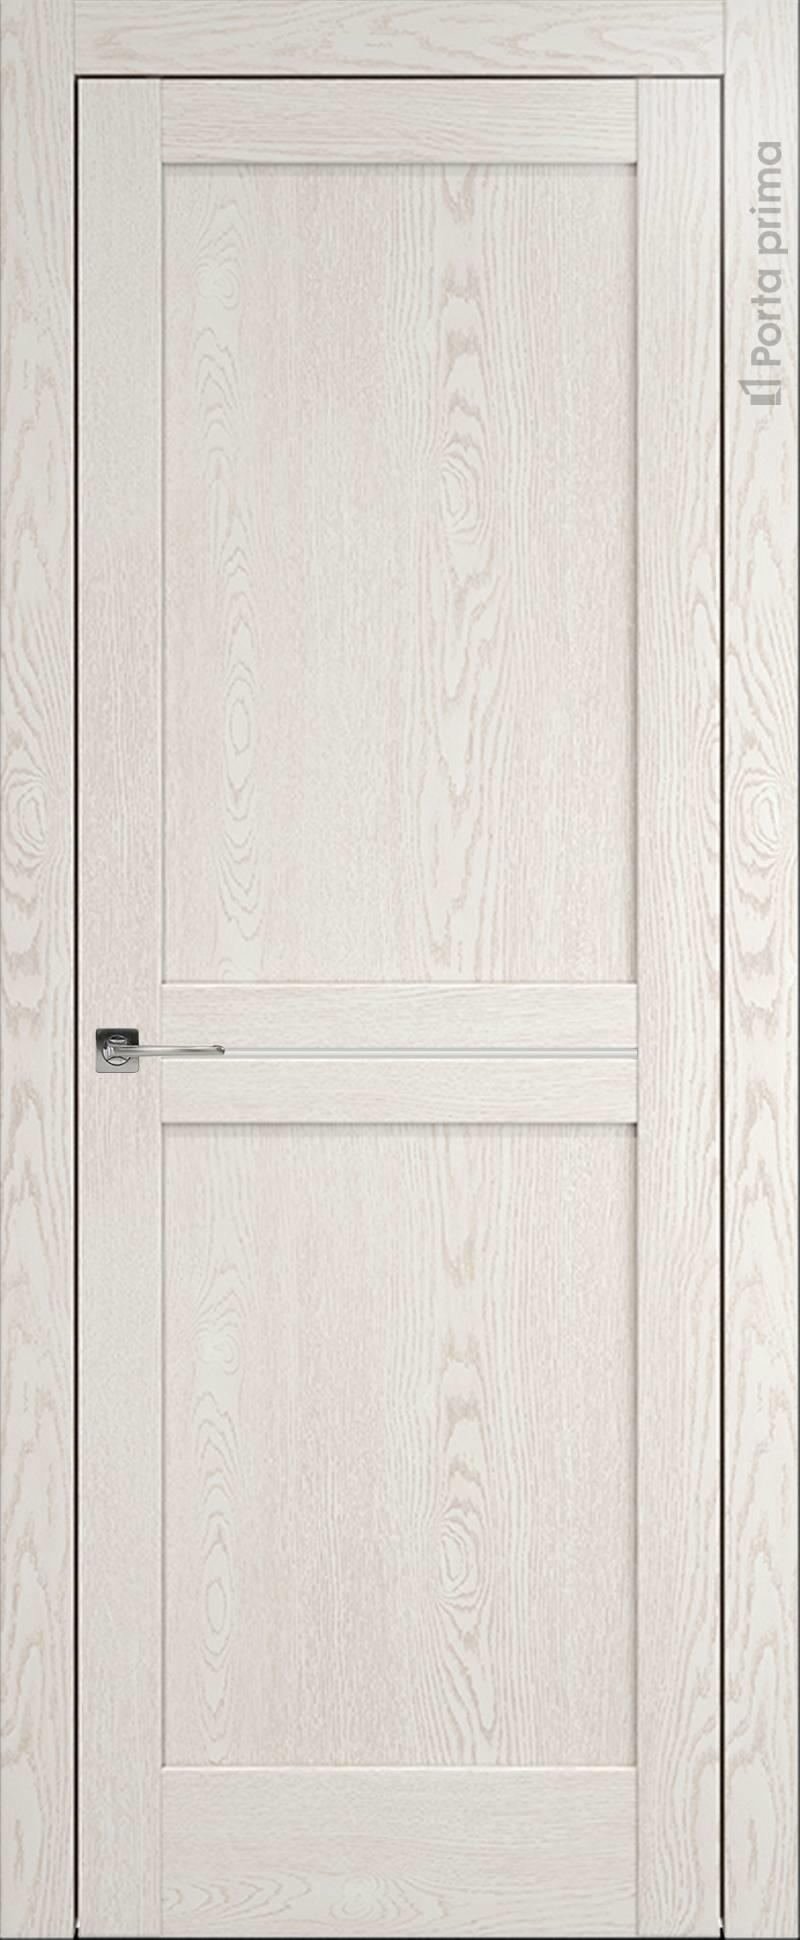 Elegante цвет - Белый ясень (nano-flex) Без стекла (ДГ)